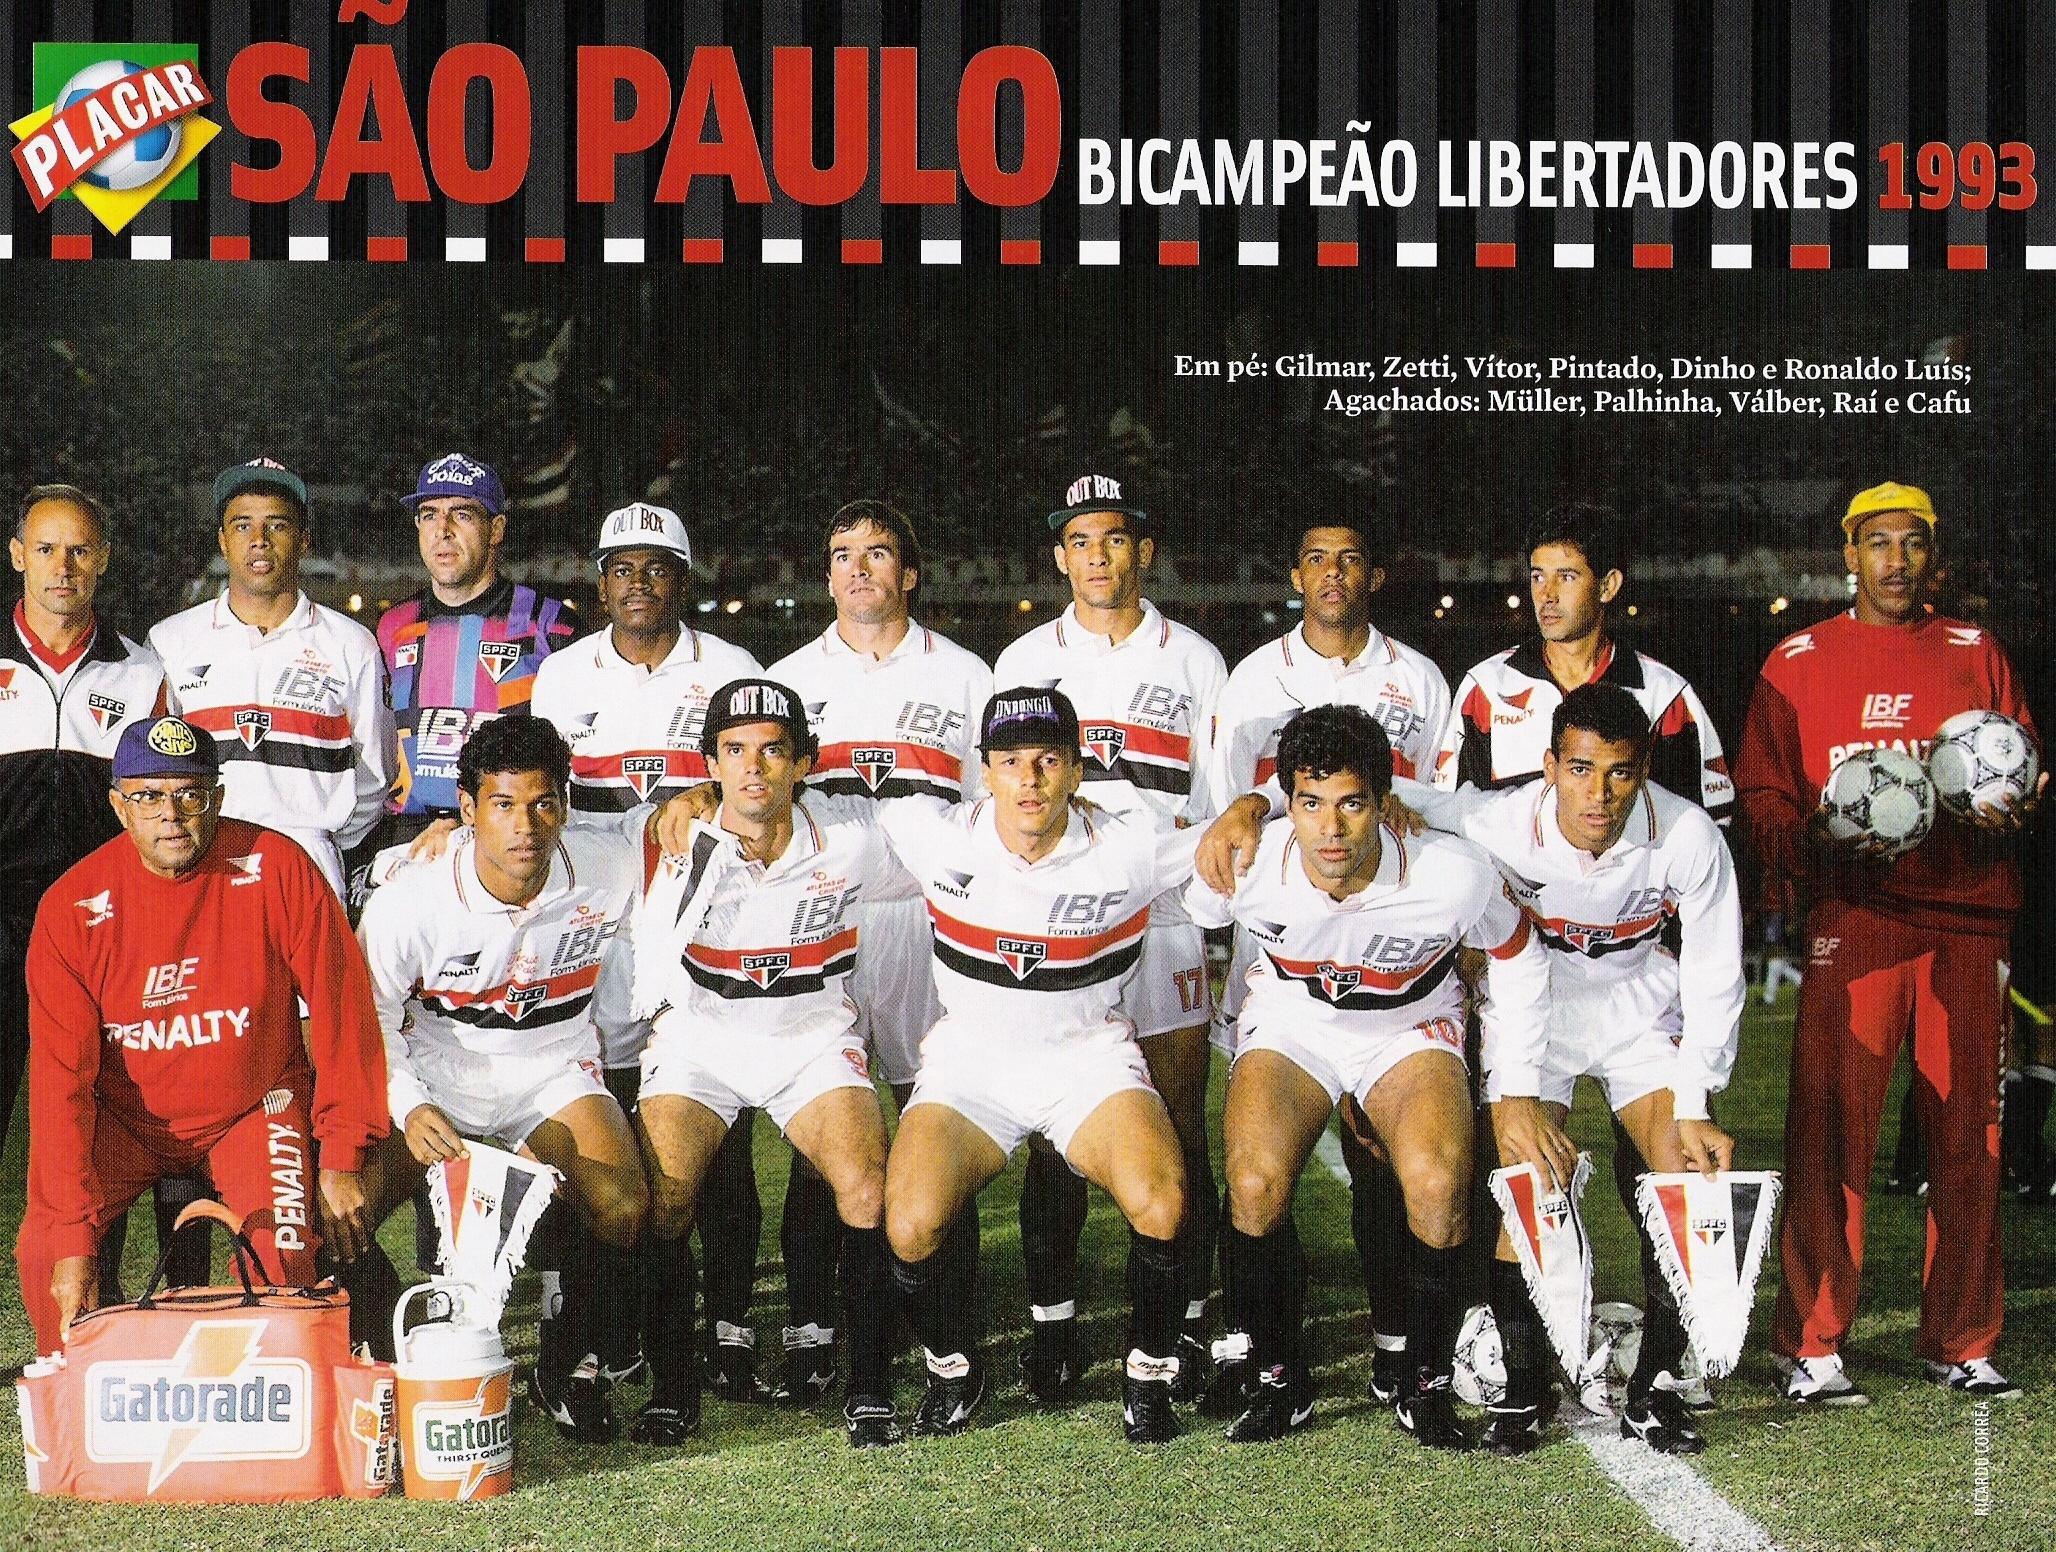 São Paulo (1993)